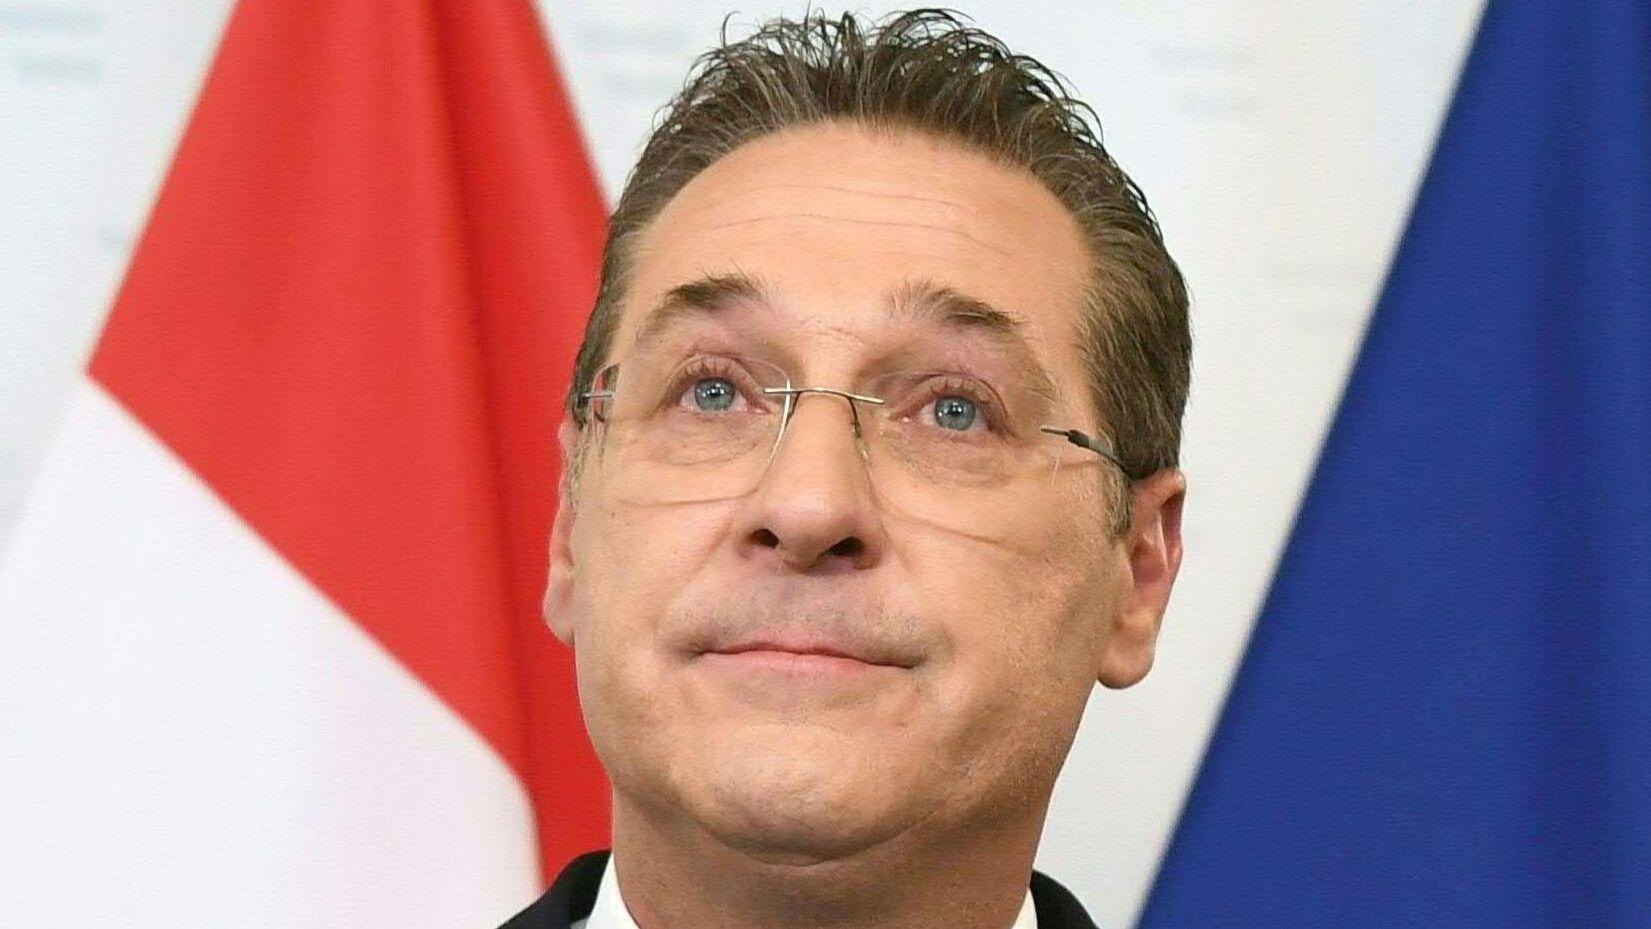 Heinz-Christian Strache trat nach dem Skandal-Video auf einer Pressekonferenz als FPÖ-Chef und Vizekanzler zurück.